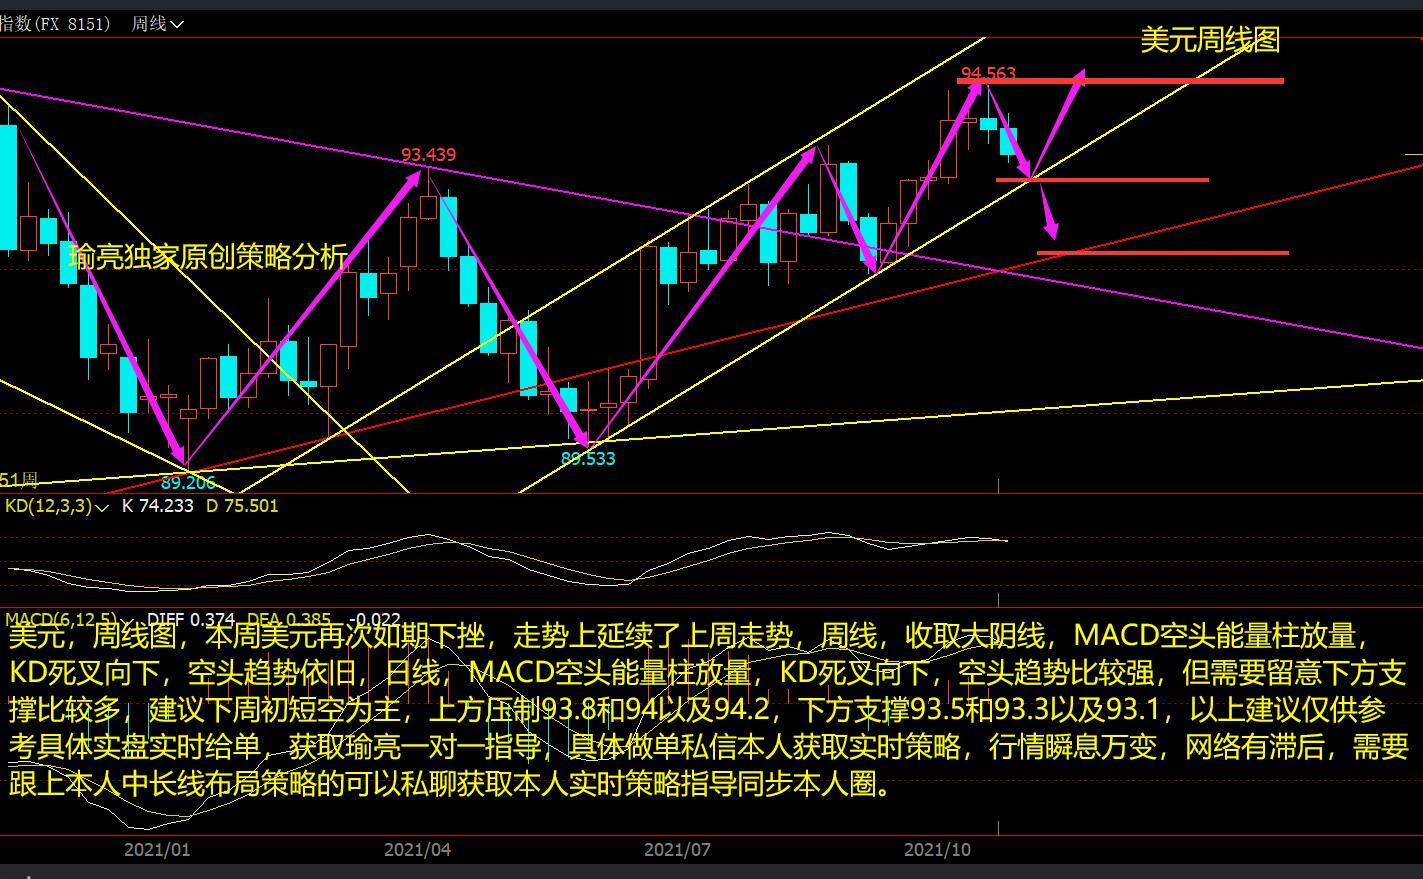 黄瑜亮:周评美元如期延续回调 白银爆发承压24.8将回调?